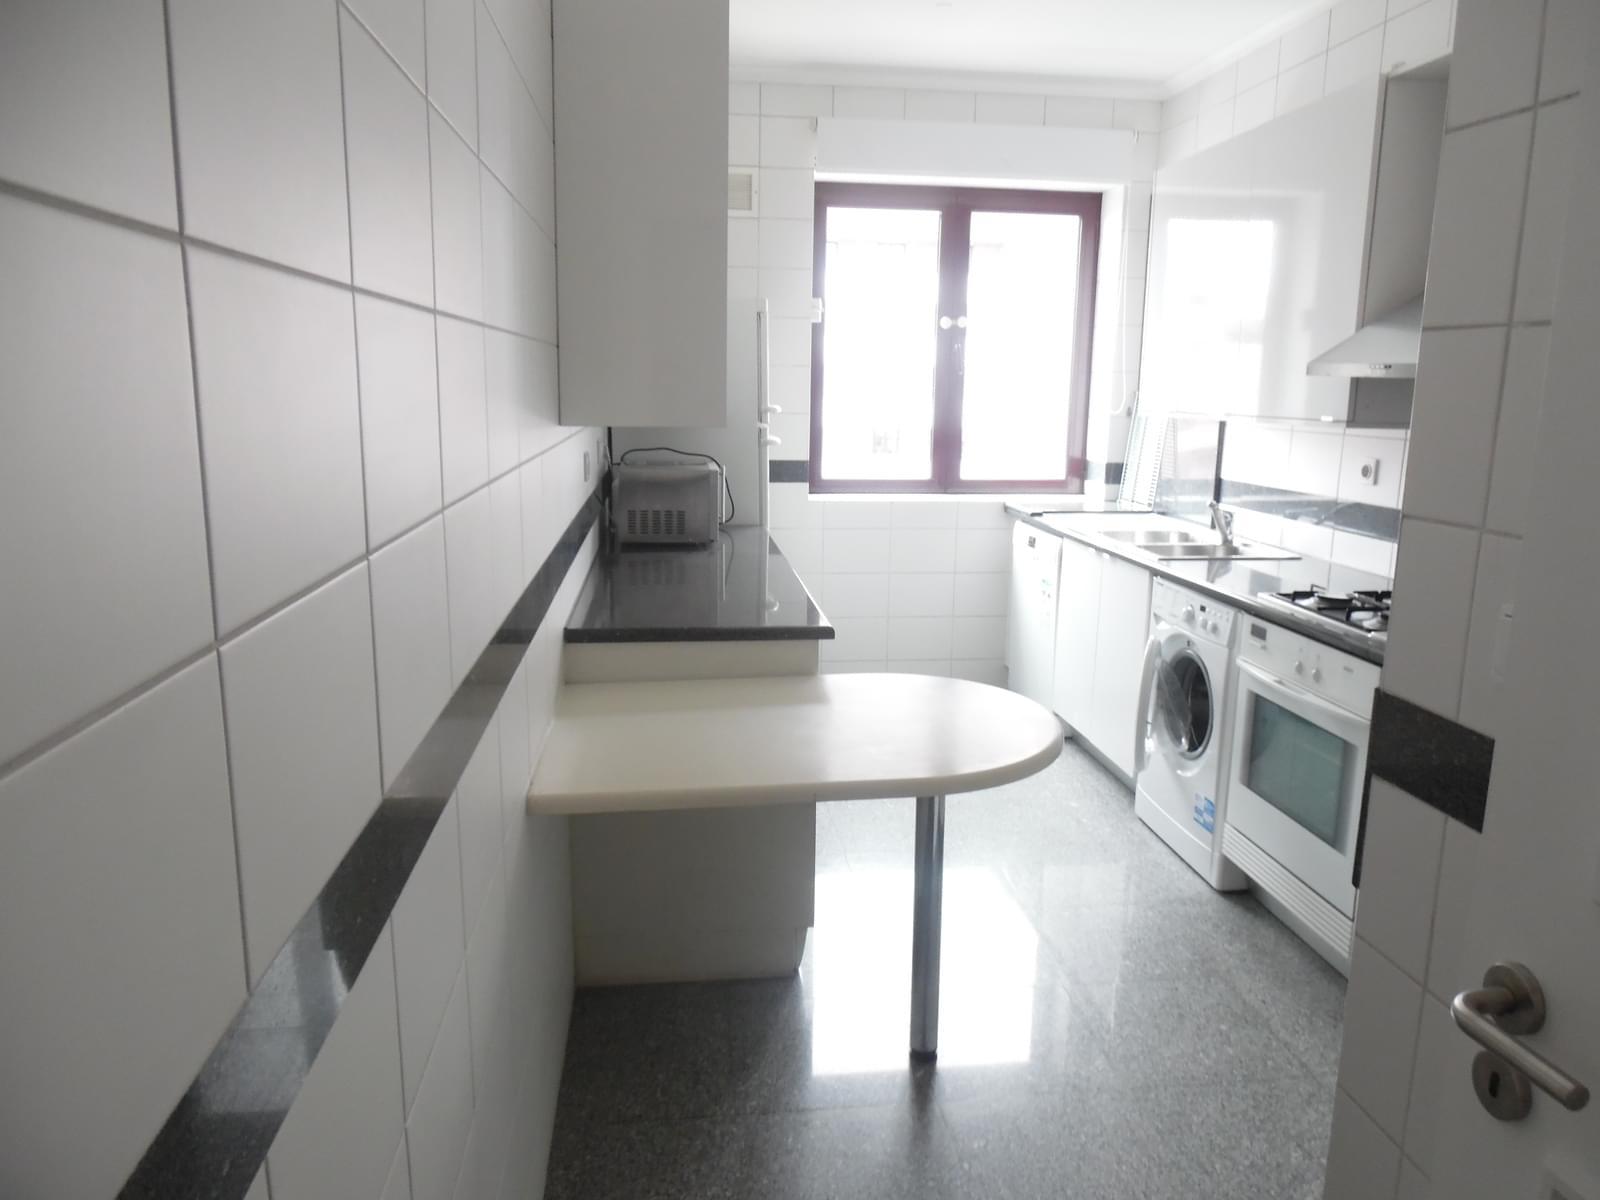 pf17637-apartamento-t2-lisboa-a88feda1-667c-4ac5-a2df-05d3ad947df7